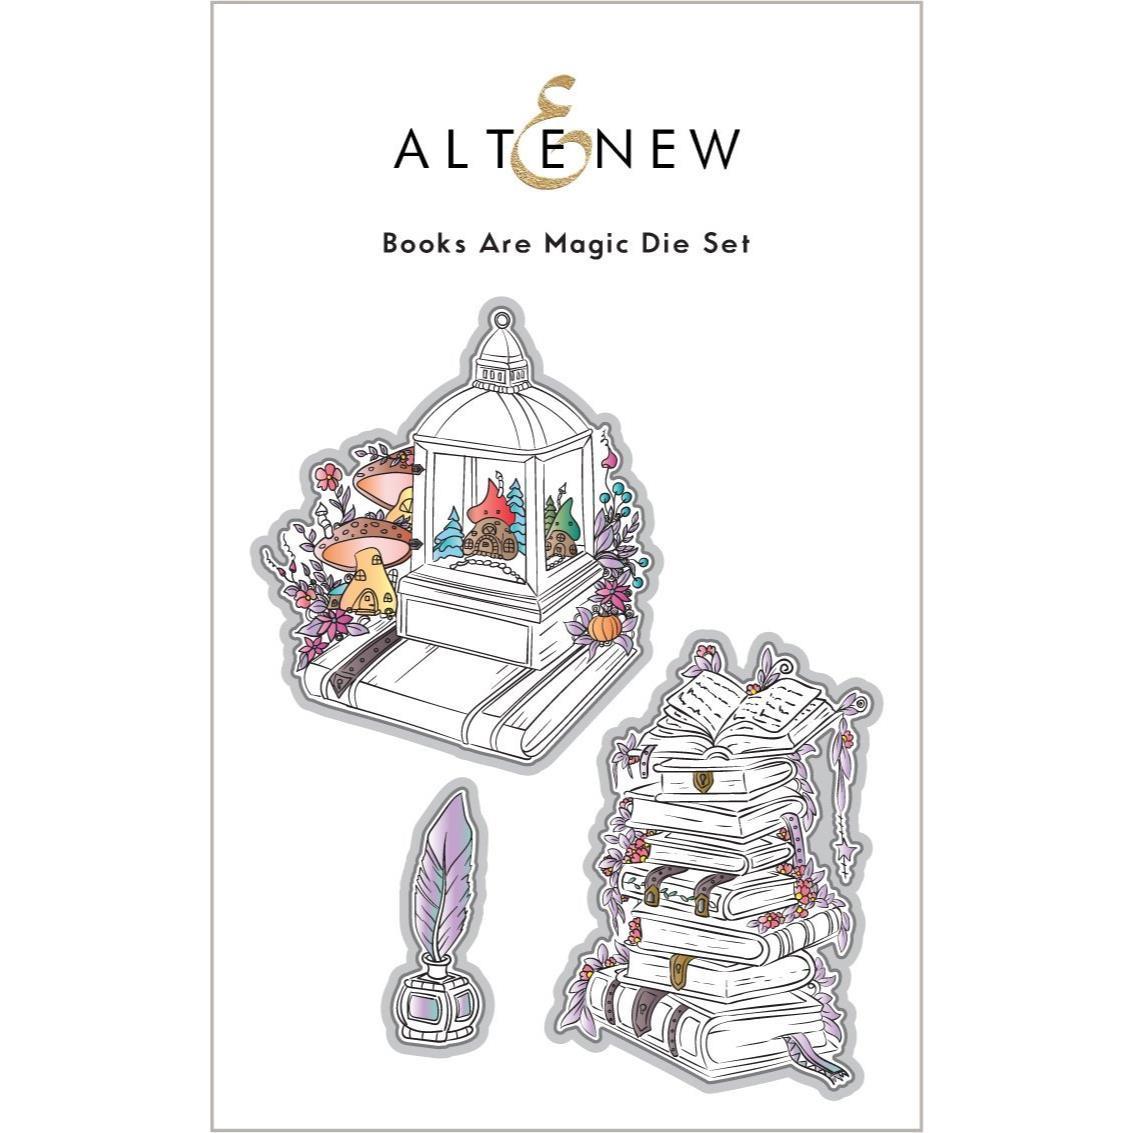 Books Are Magic, Altenew Dies -